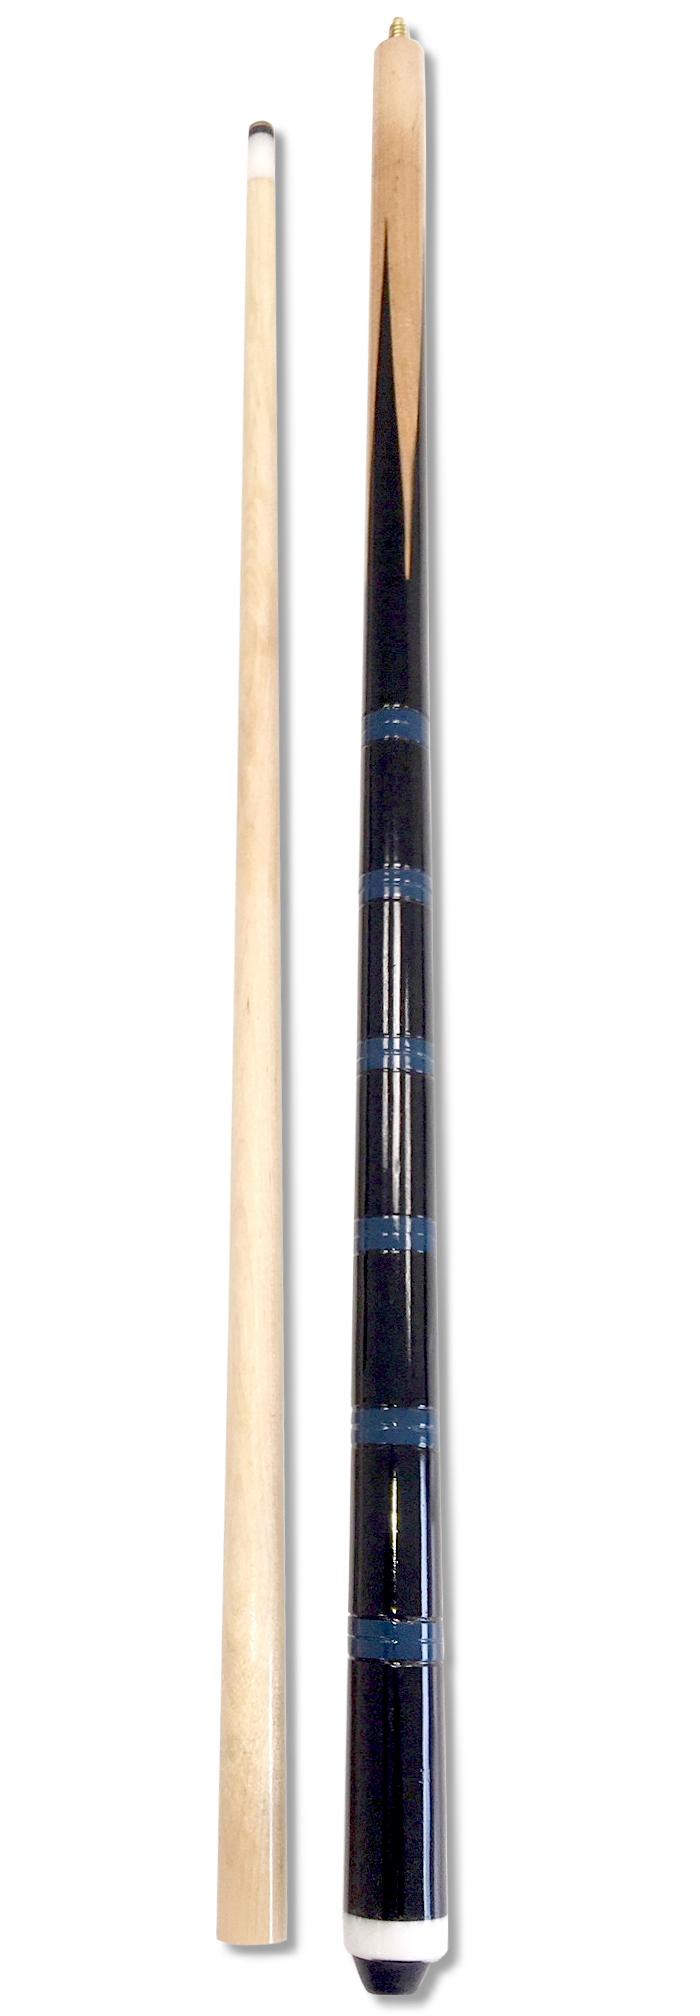 Sonstige MARINOX Schotschäkel TauwerkschäkelV4A Edelstahl52-96 mm Zubehör